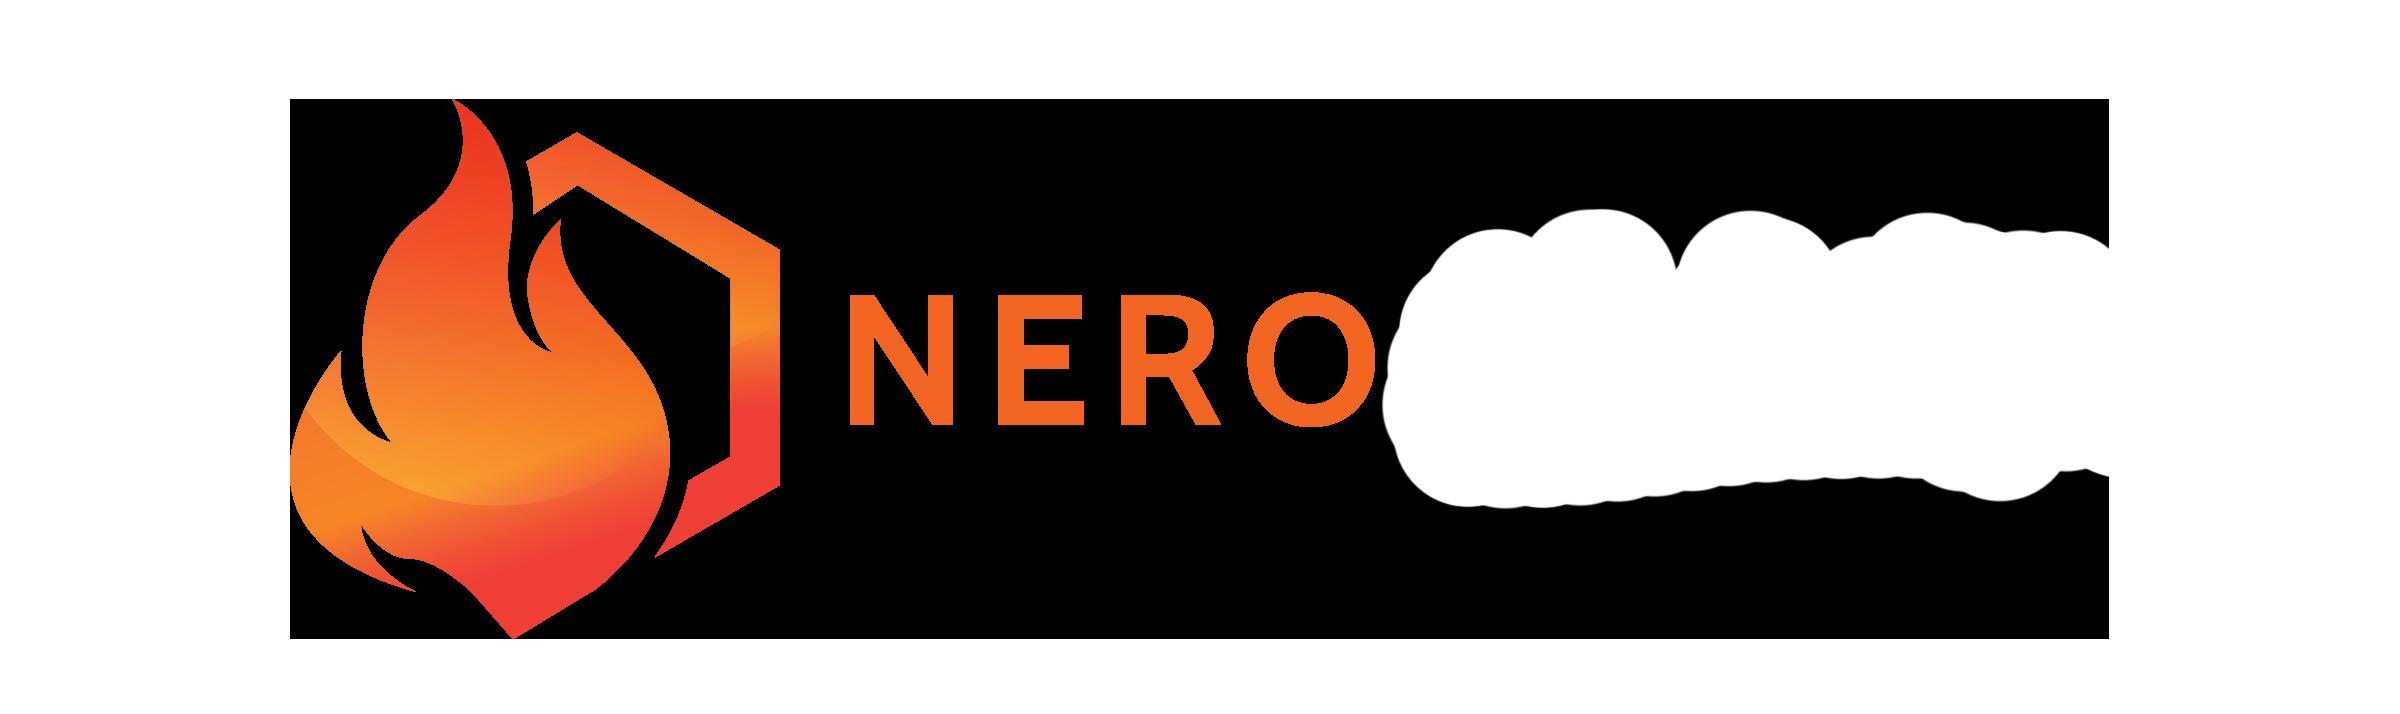 Main Nero Shield Company logo